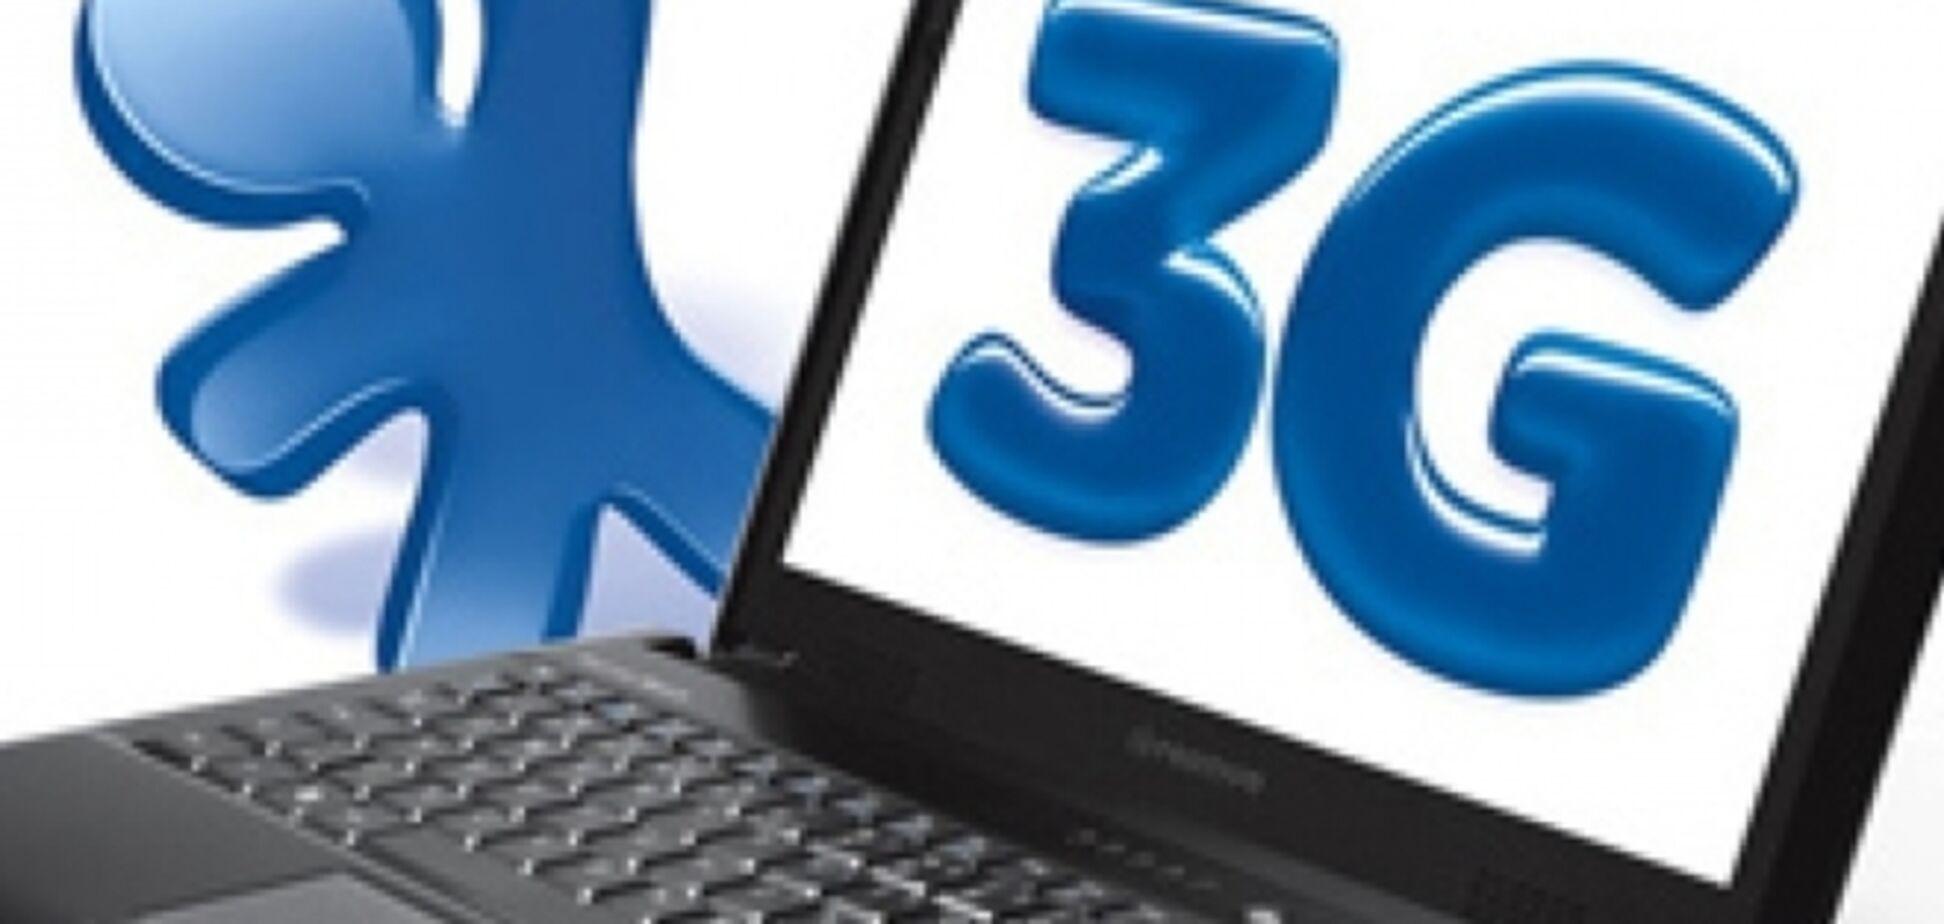 3G-связь в Украине: когда реально появится и что она даст украинцам